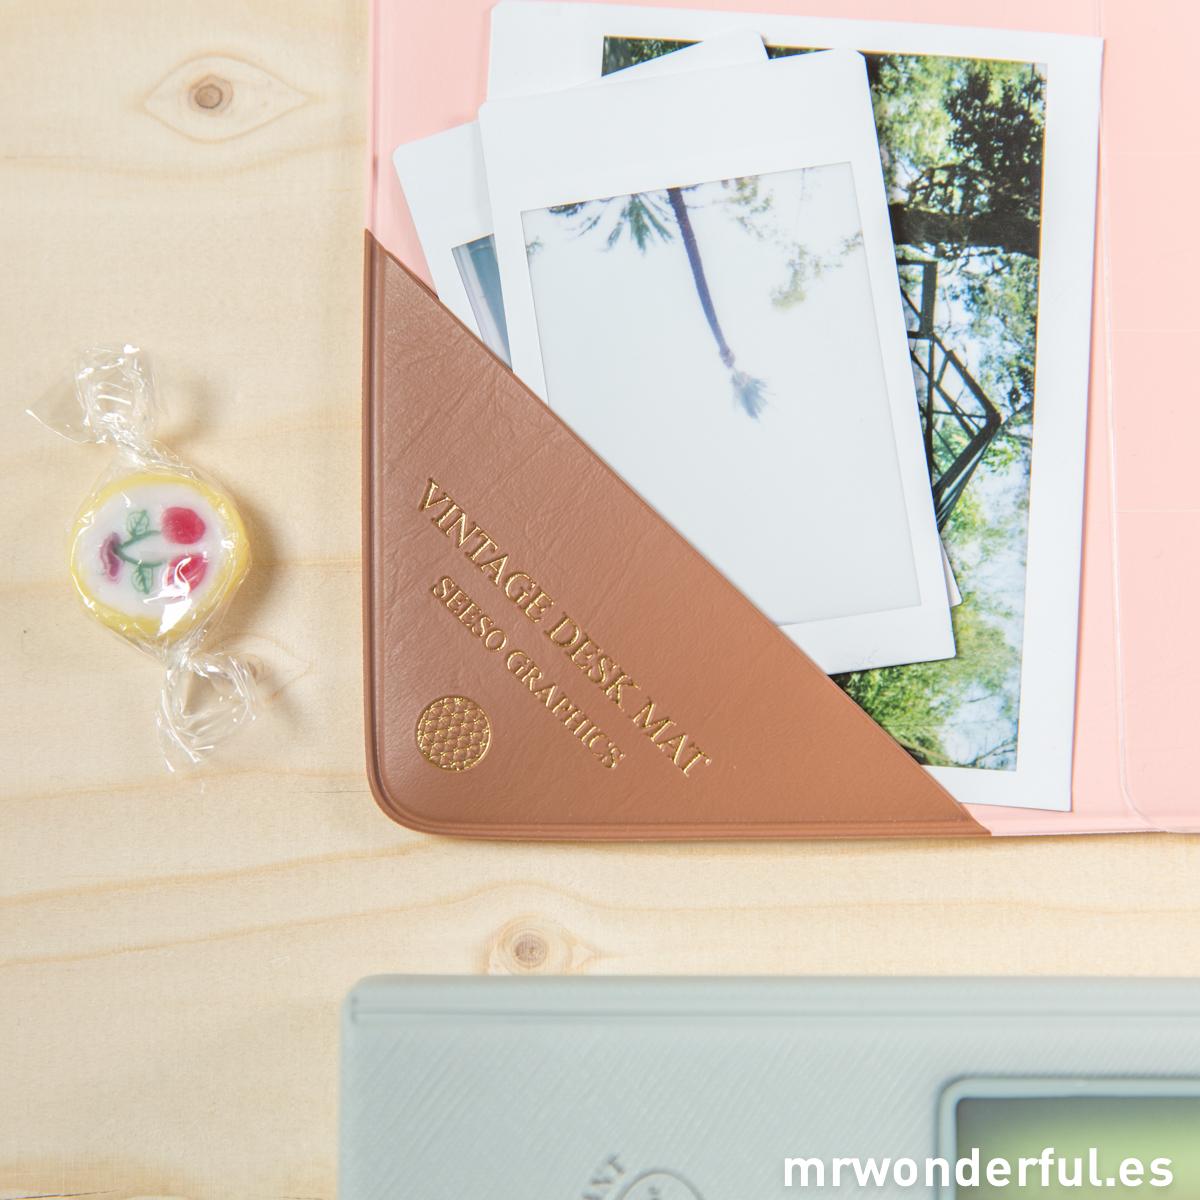 mrwonderful_SS-1770_Tapete-escritorio_rosa-19